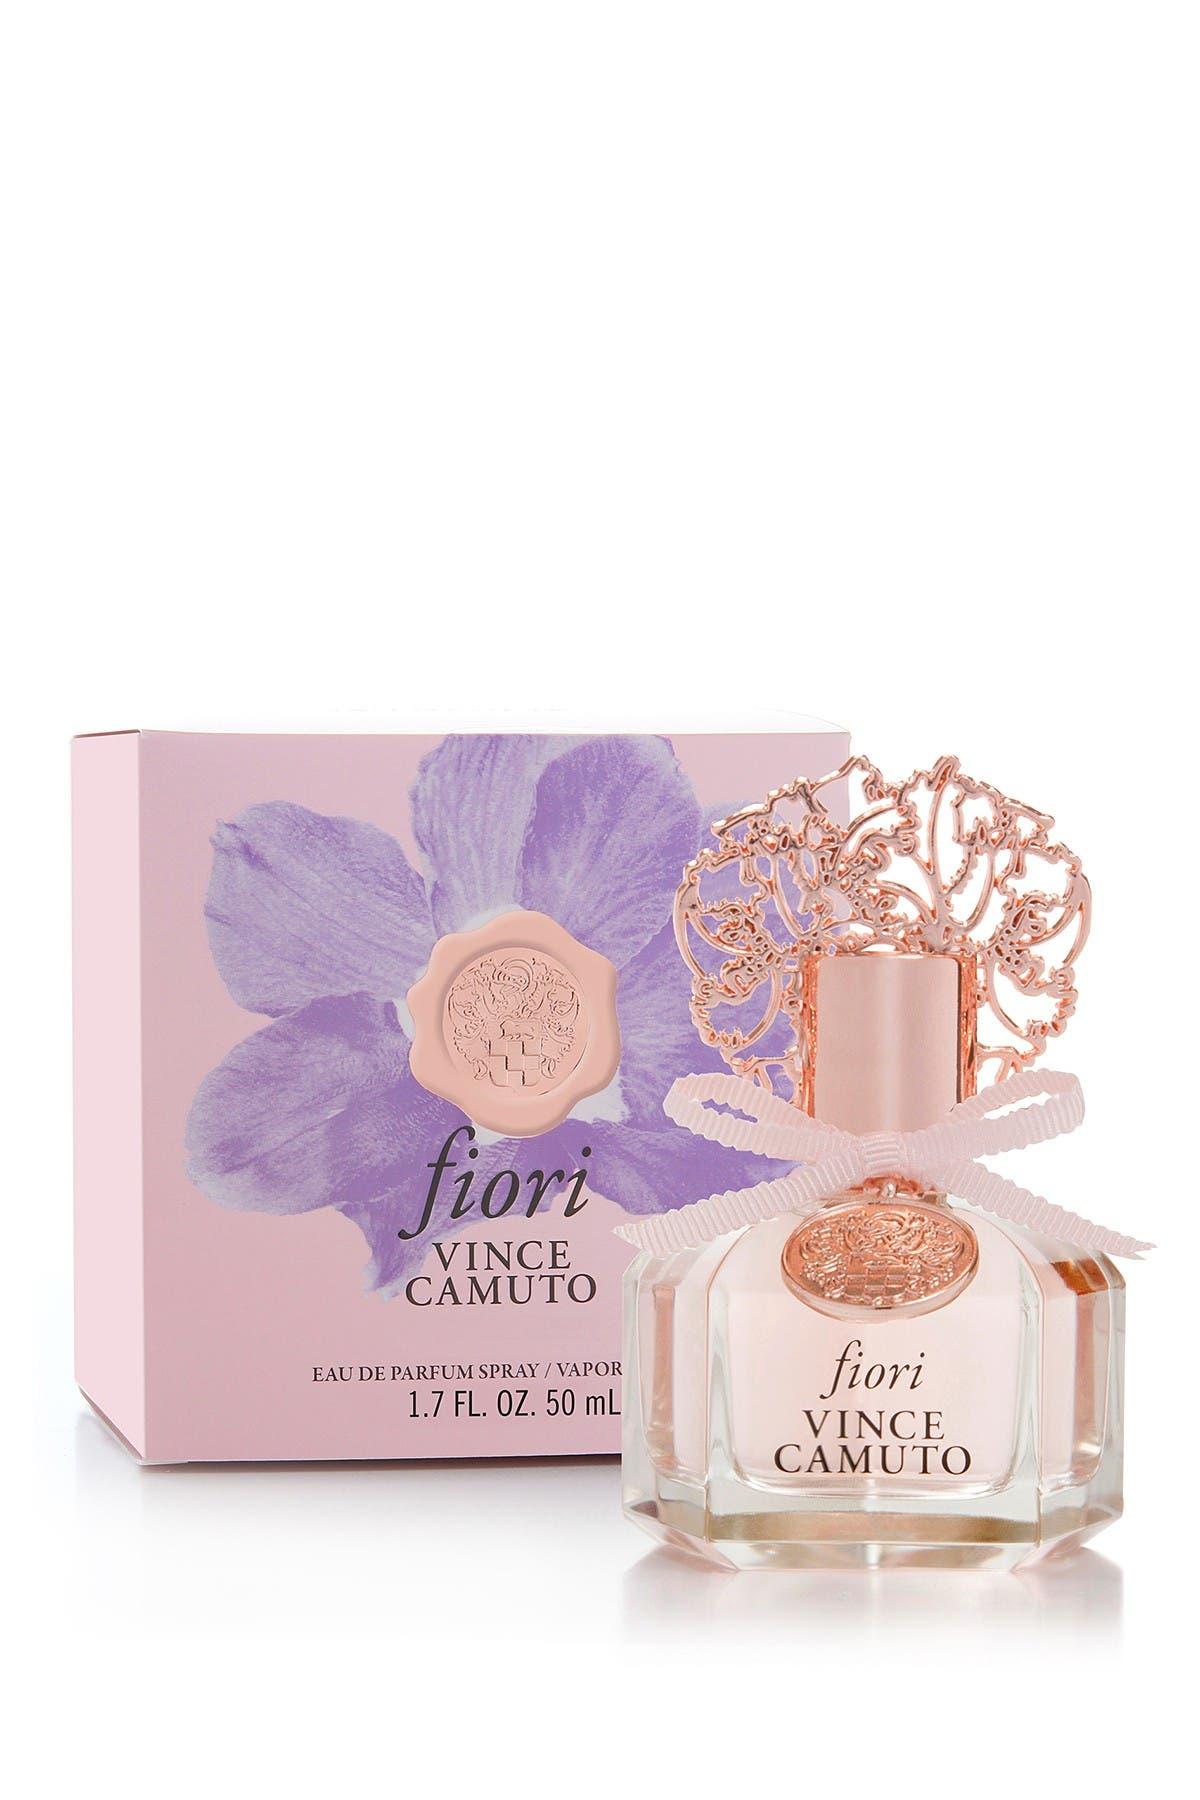 Image of Vince Camuto Fiori Eau de Parfum Spray - 1.7 fl. oz.